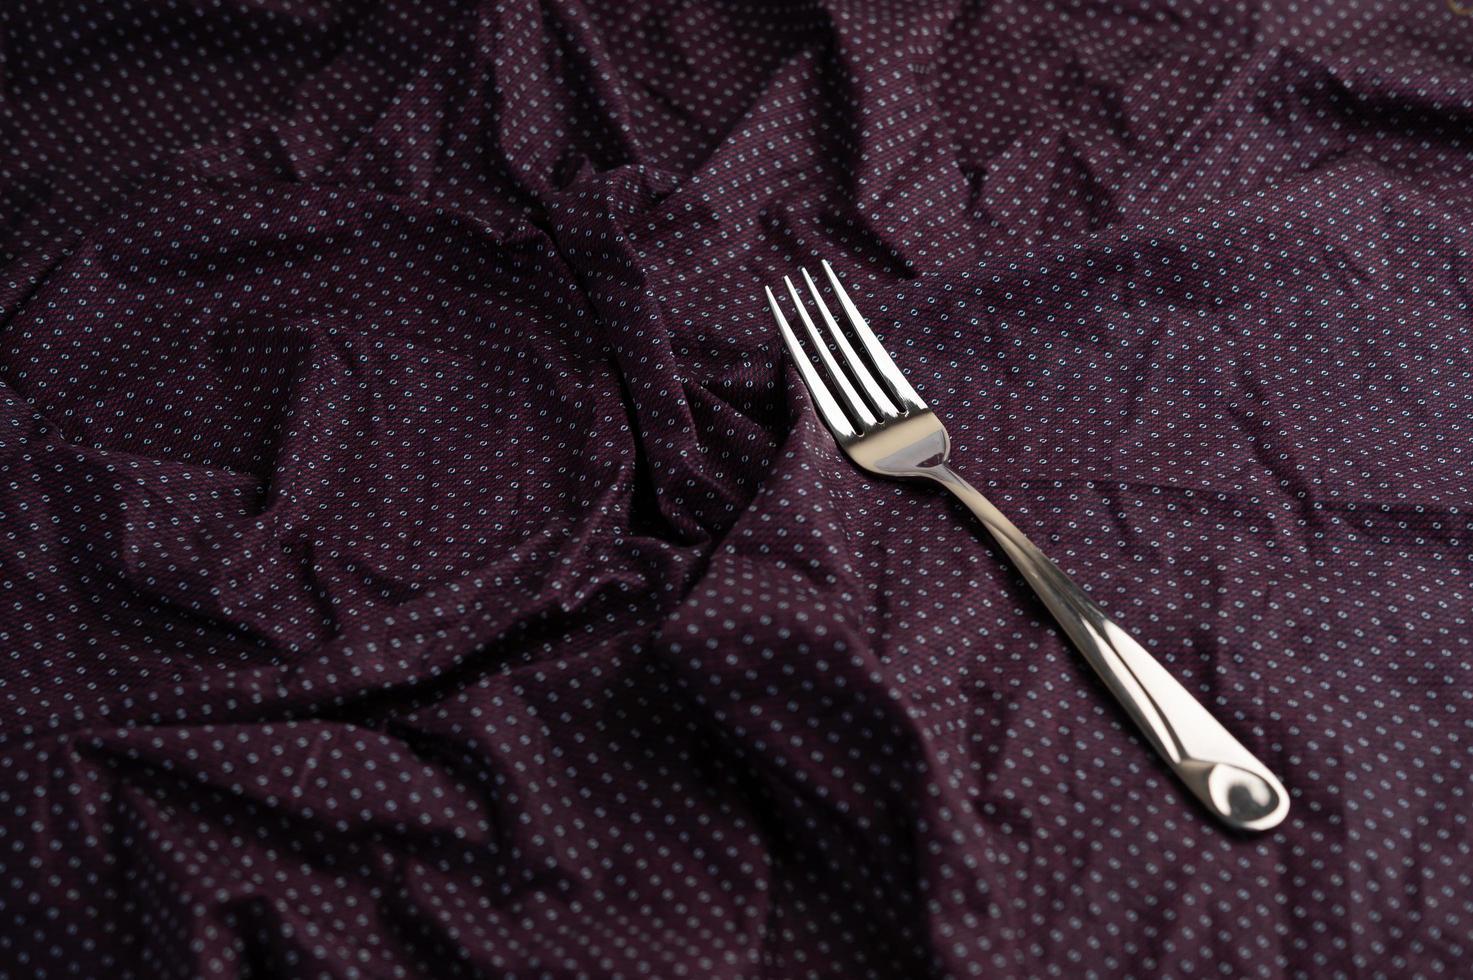 forchetta su tessuto rugoso viola foto